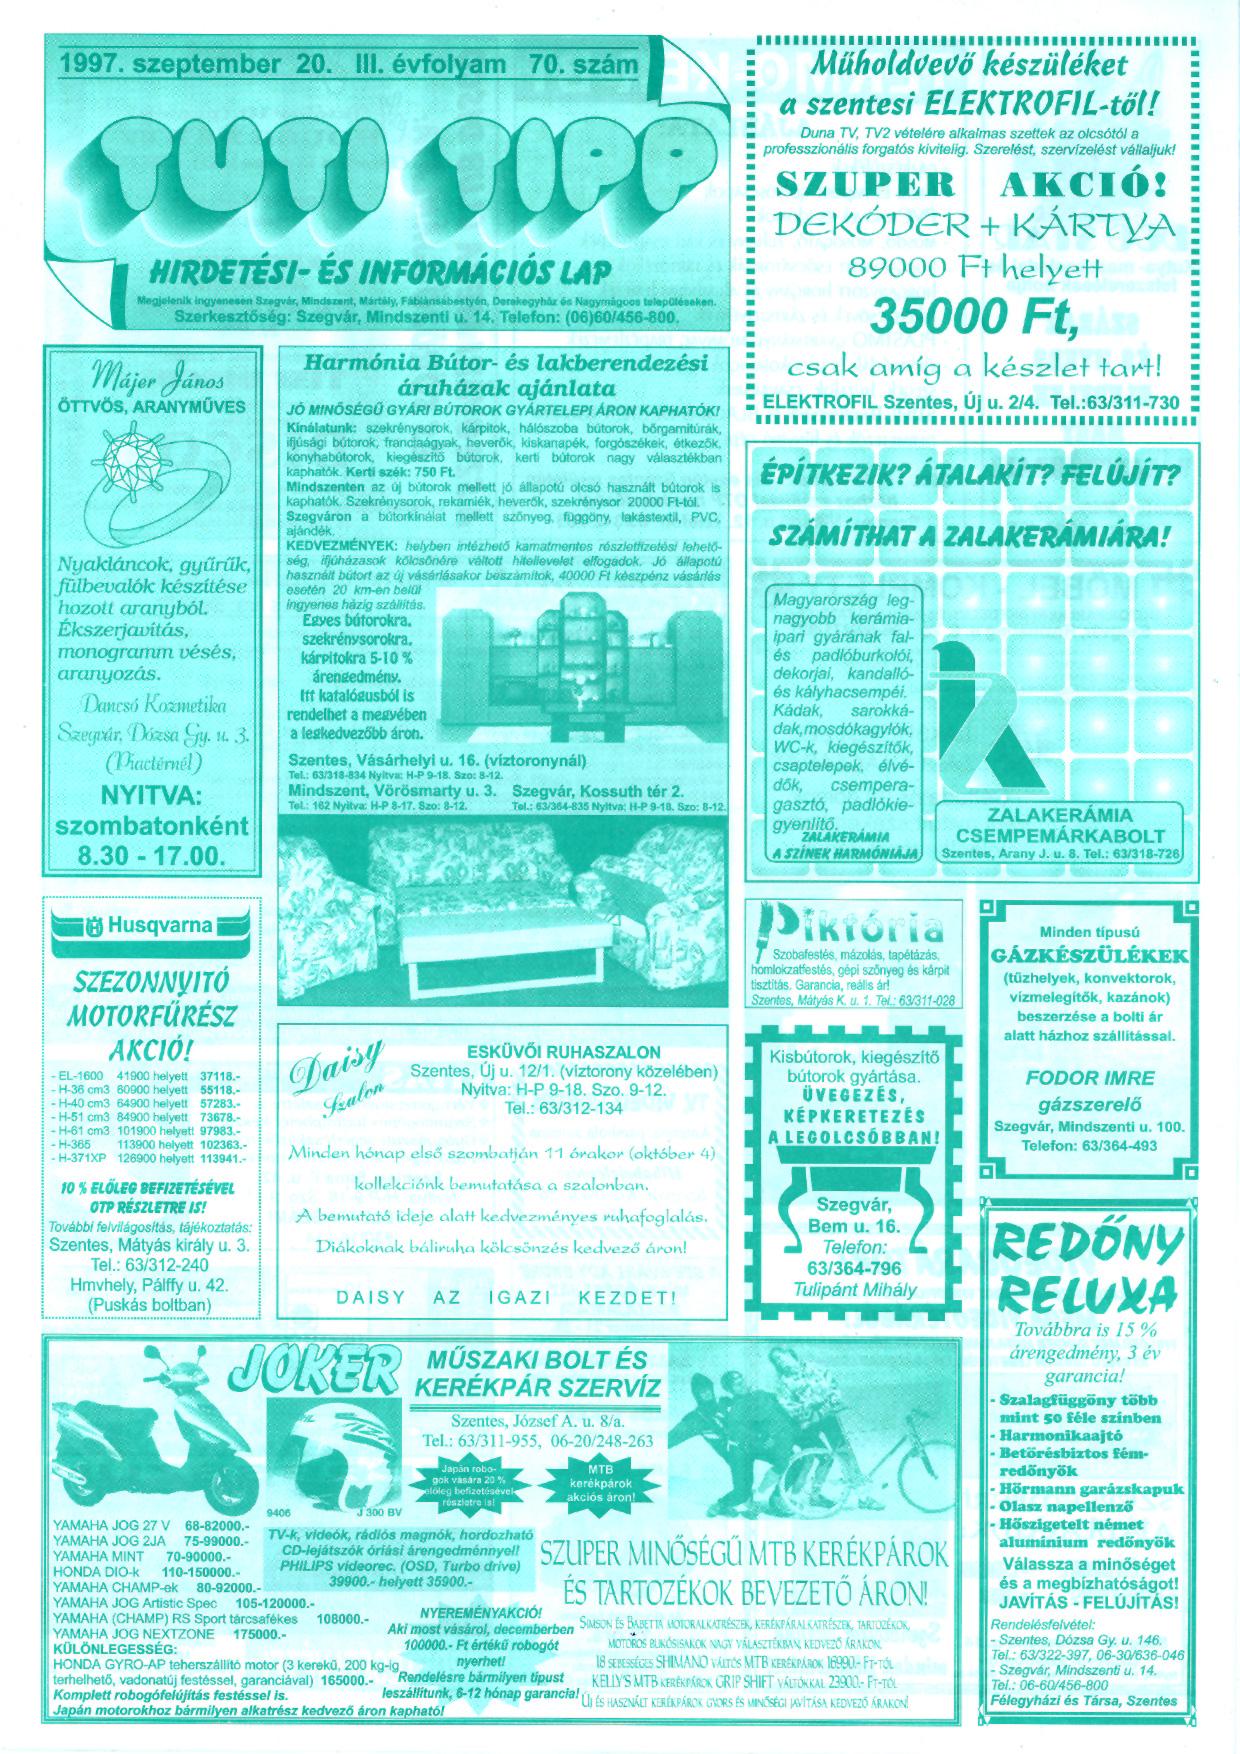 035 Tuti Tipp reklámújság - 19970920-070. lapszám - 1.oldal - III. évfolyam.jpg